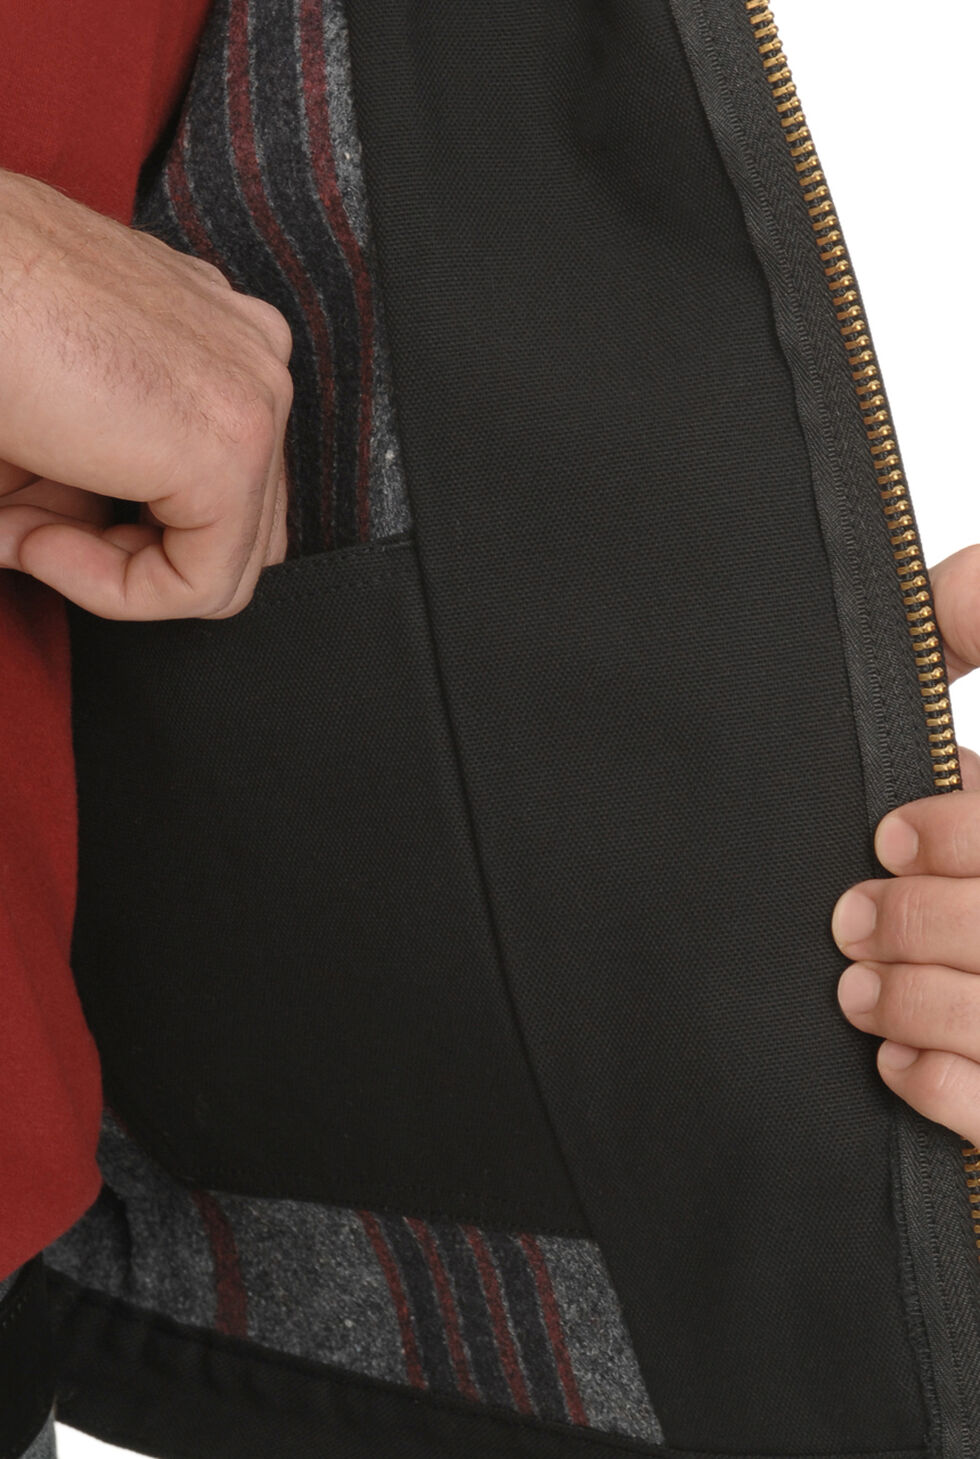 Dickies Blanket Lined Duck Jacket - Big & Tall, Black, hi-res